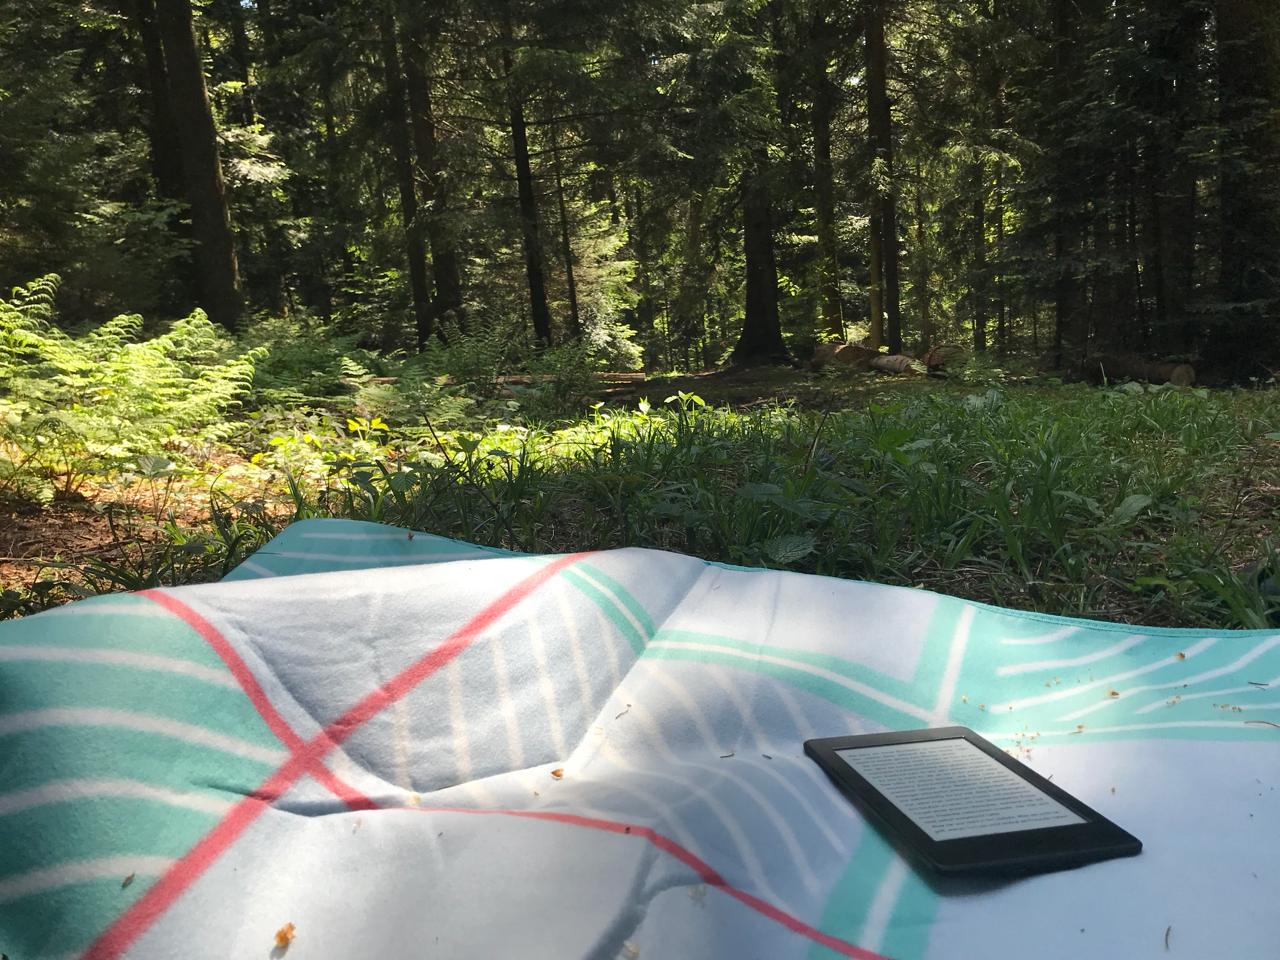 Mit Buch im Wald: Buch auf Picknickdecke mit Blick in den Wald